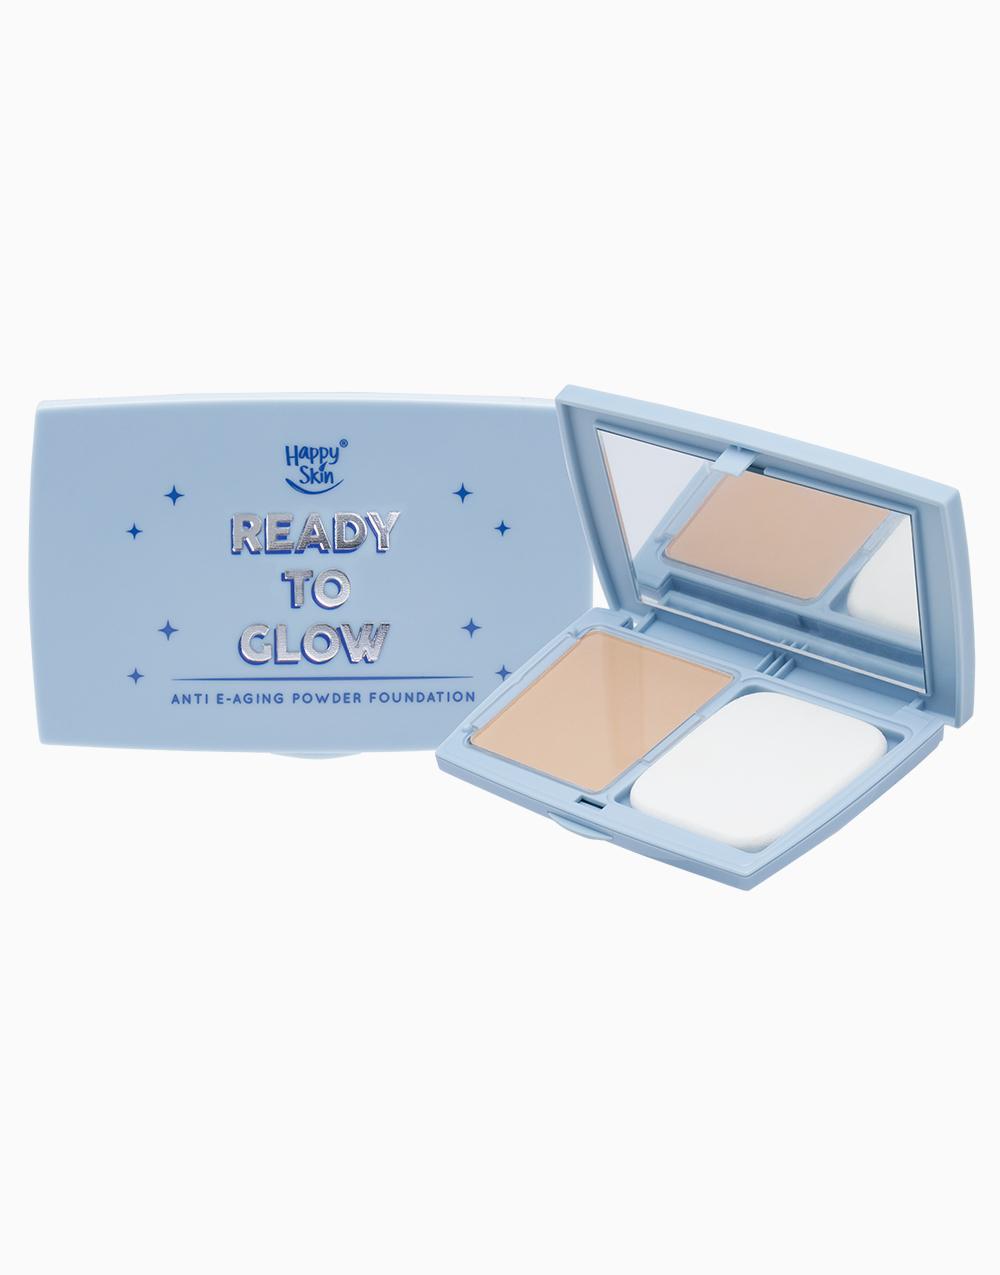 Ready to Glow Anti E-Aging Powder Foundation by Happy Skin |